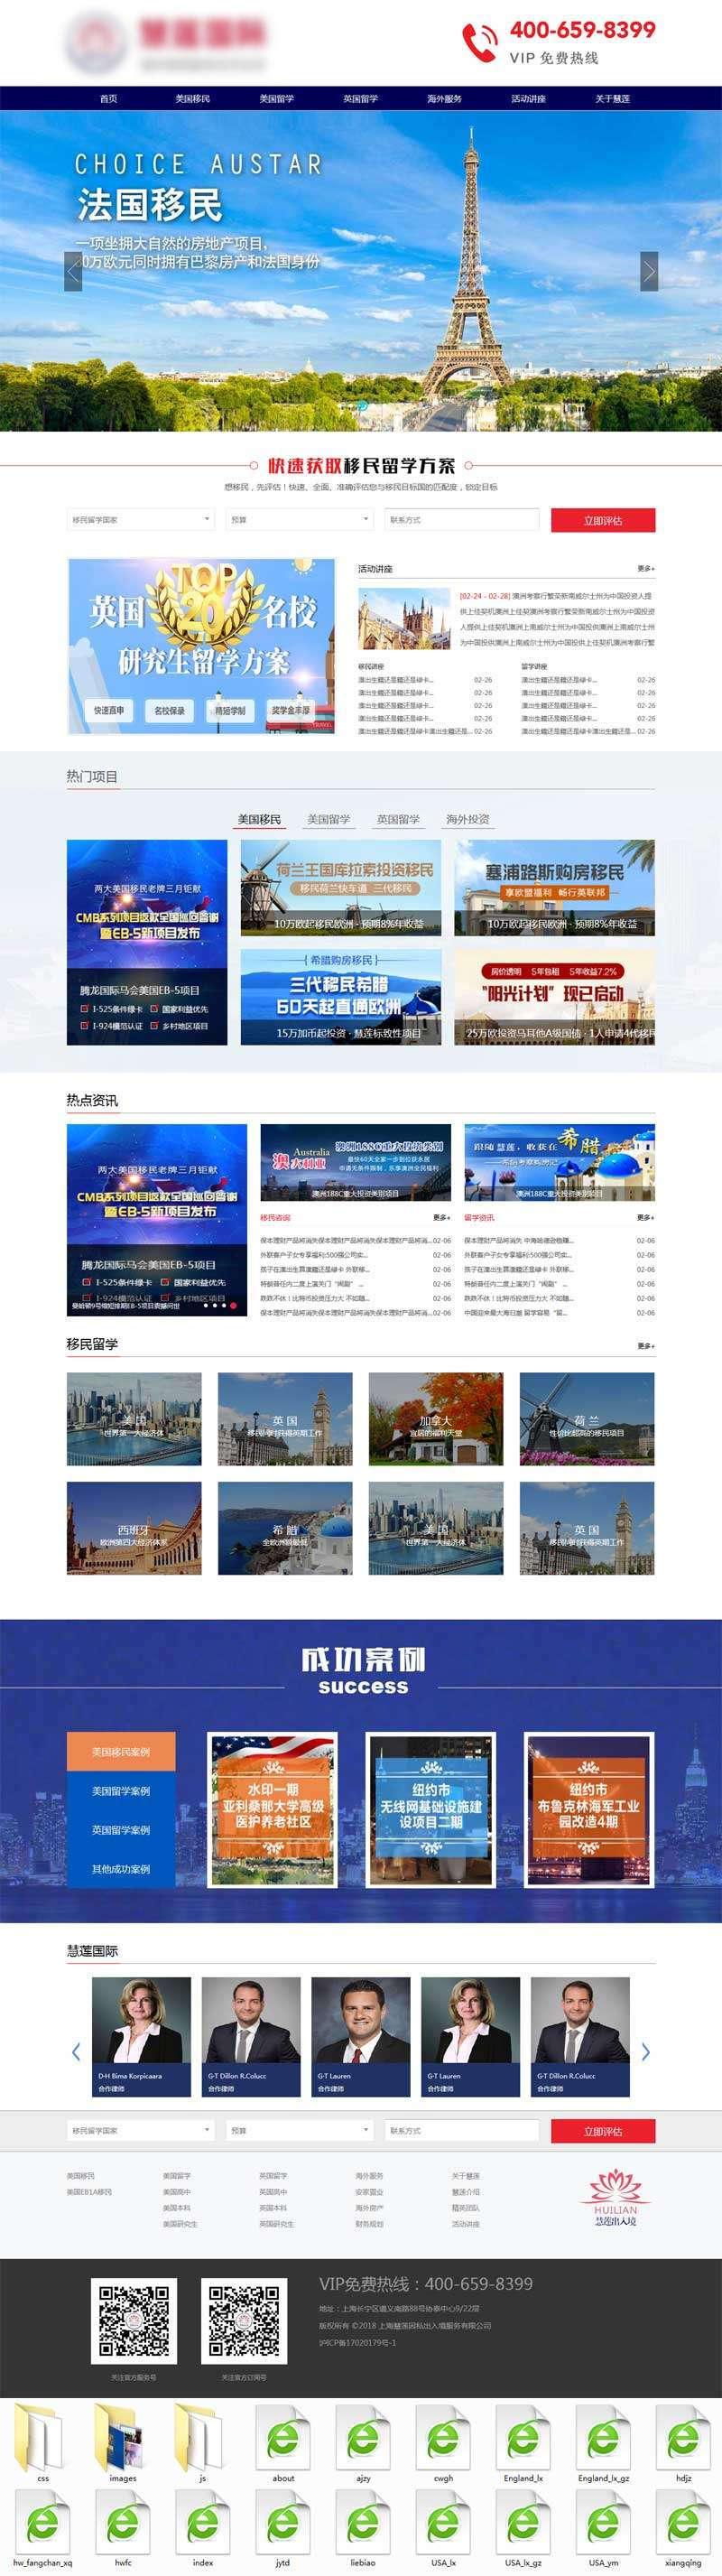 实用的海外移民留学出国网站模板